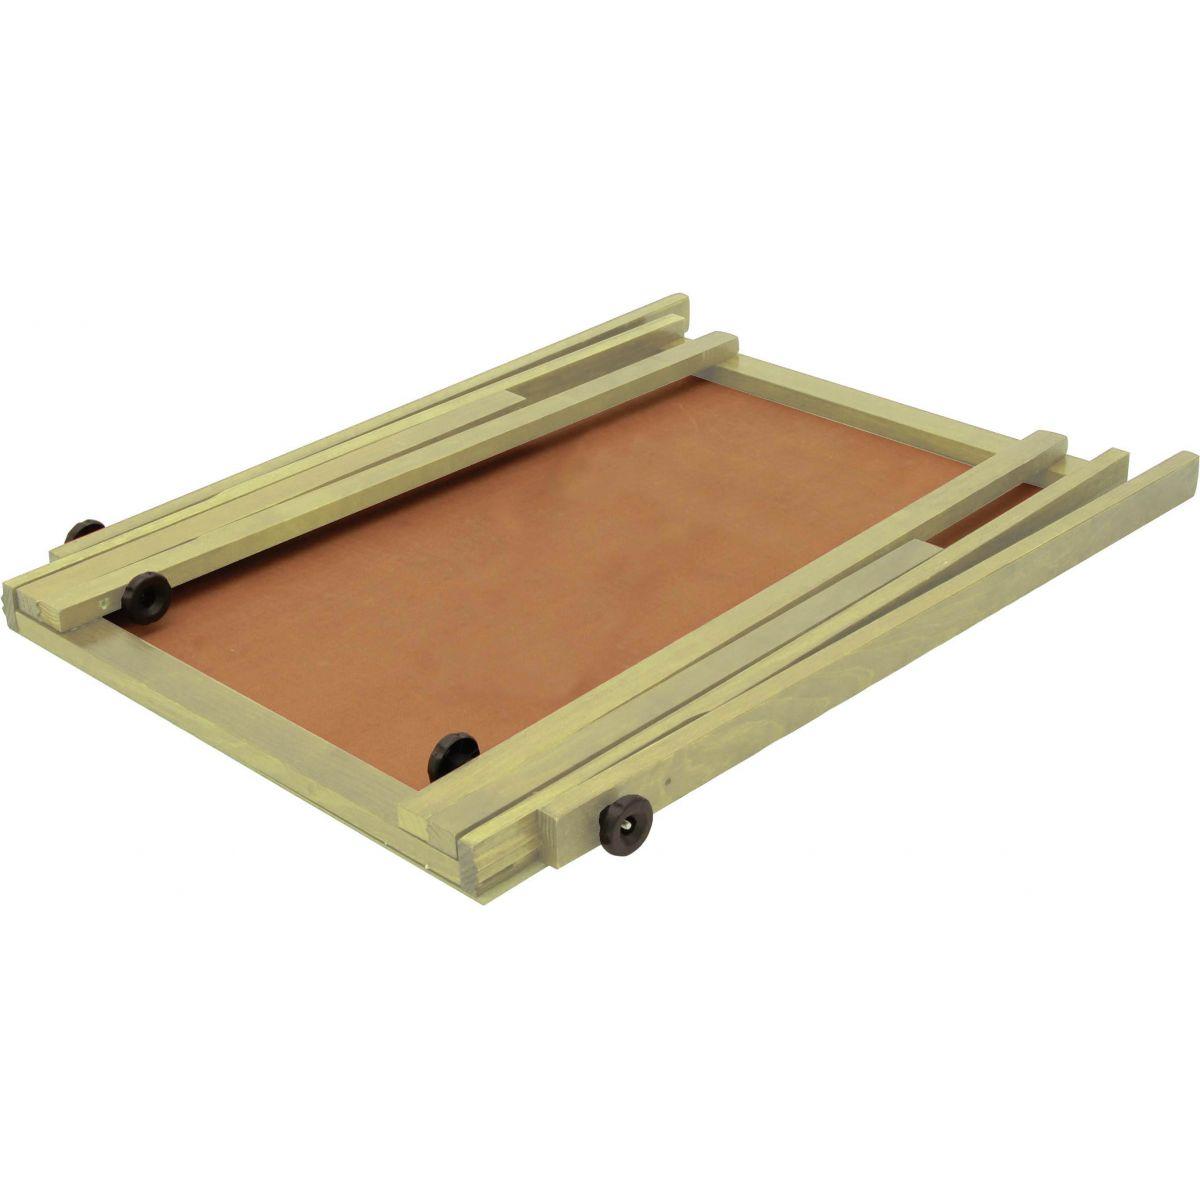 Cavalete Flip Chart Porta Bloco Compacto com Quadro Duratex estrutura em Madeira Cor Natural Altura Ajustável 1,63 ou 1,72 m - 2509 Souza